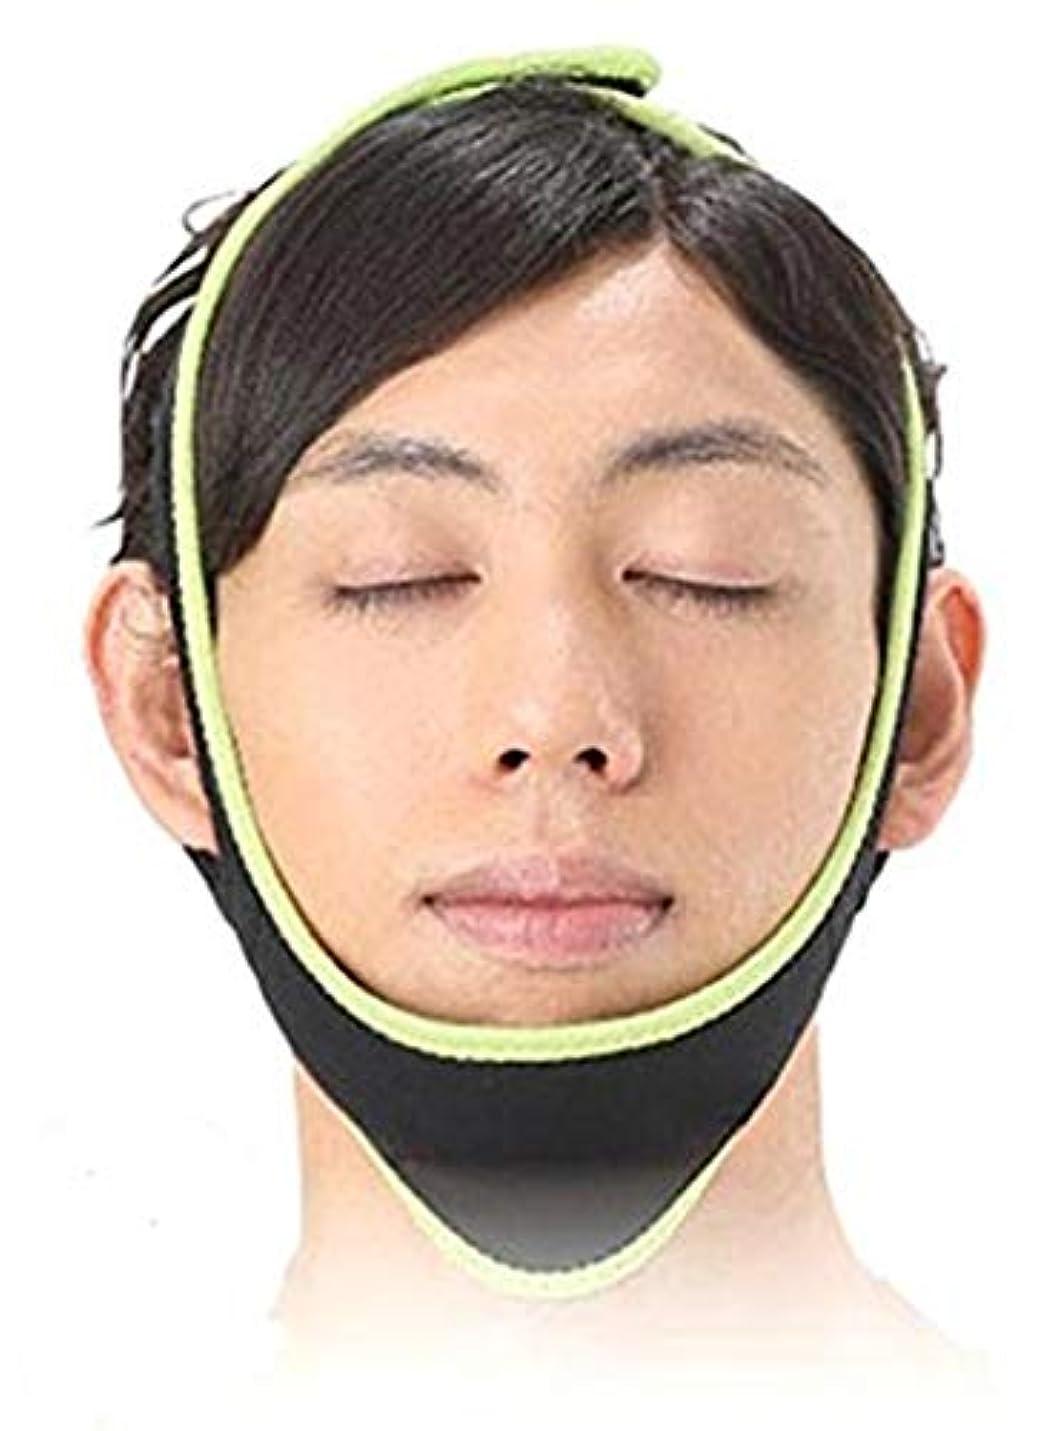 例嵐のフクロウCREPUSCOLO 小顔へ! 小顔リフトアップ ベルト 小顔マスク 小顔コルセット 小顔矯正 美容グッズ 美顔器 メンズ